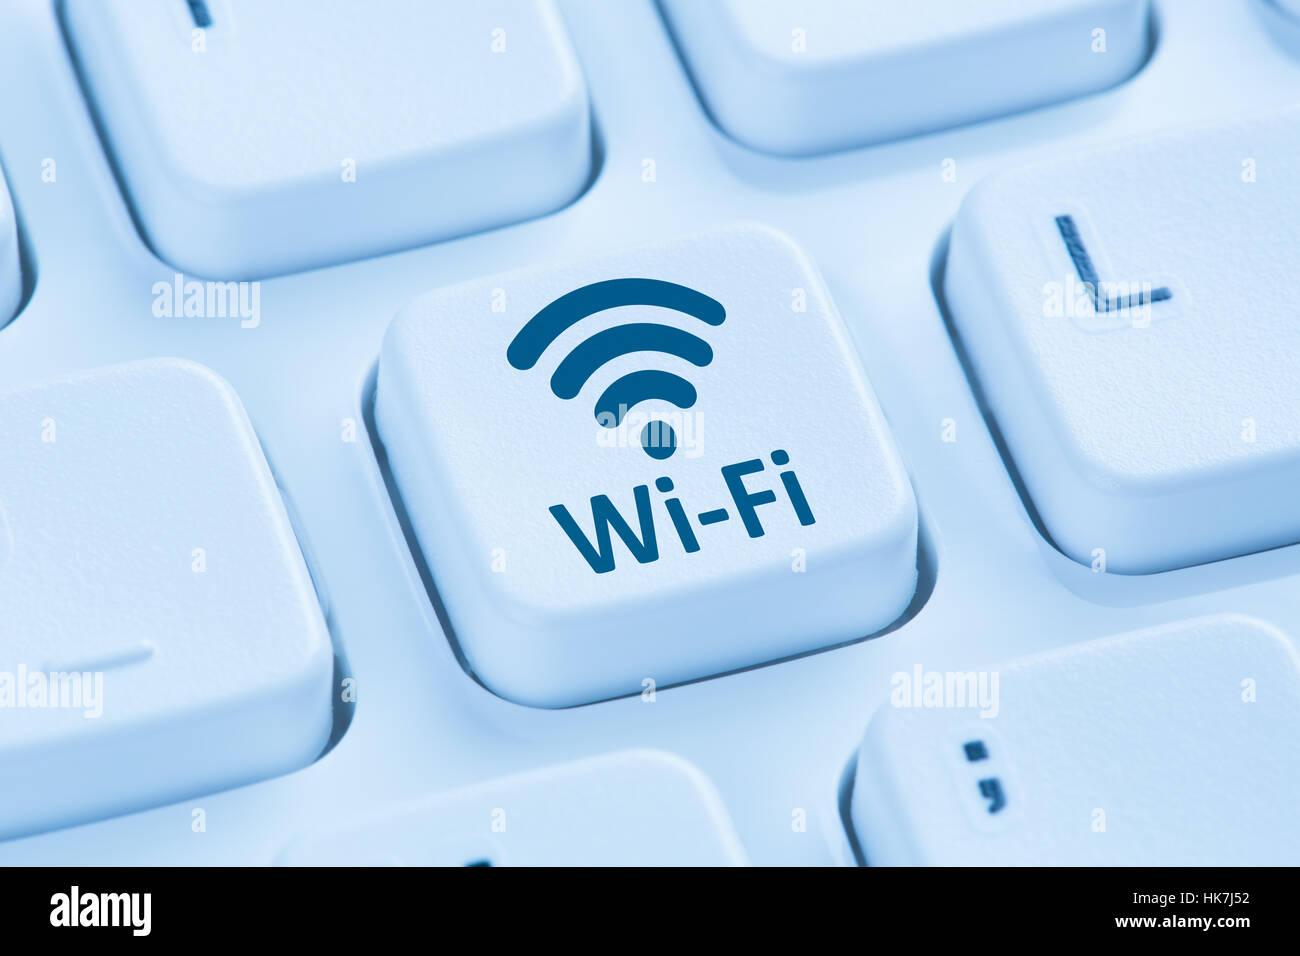 Wi-fi, conexión internet wifi hotspot símbolo azul teclado de ordenador Imagen De Stock